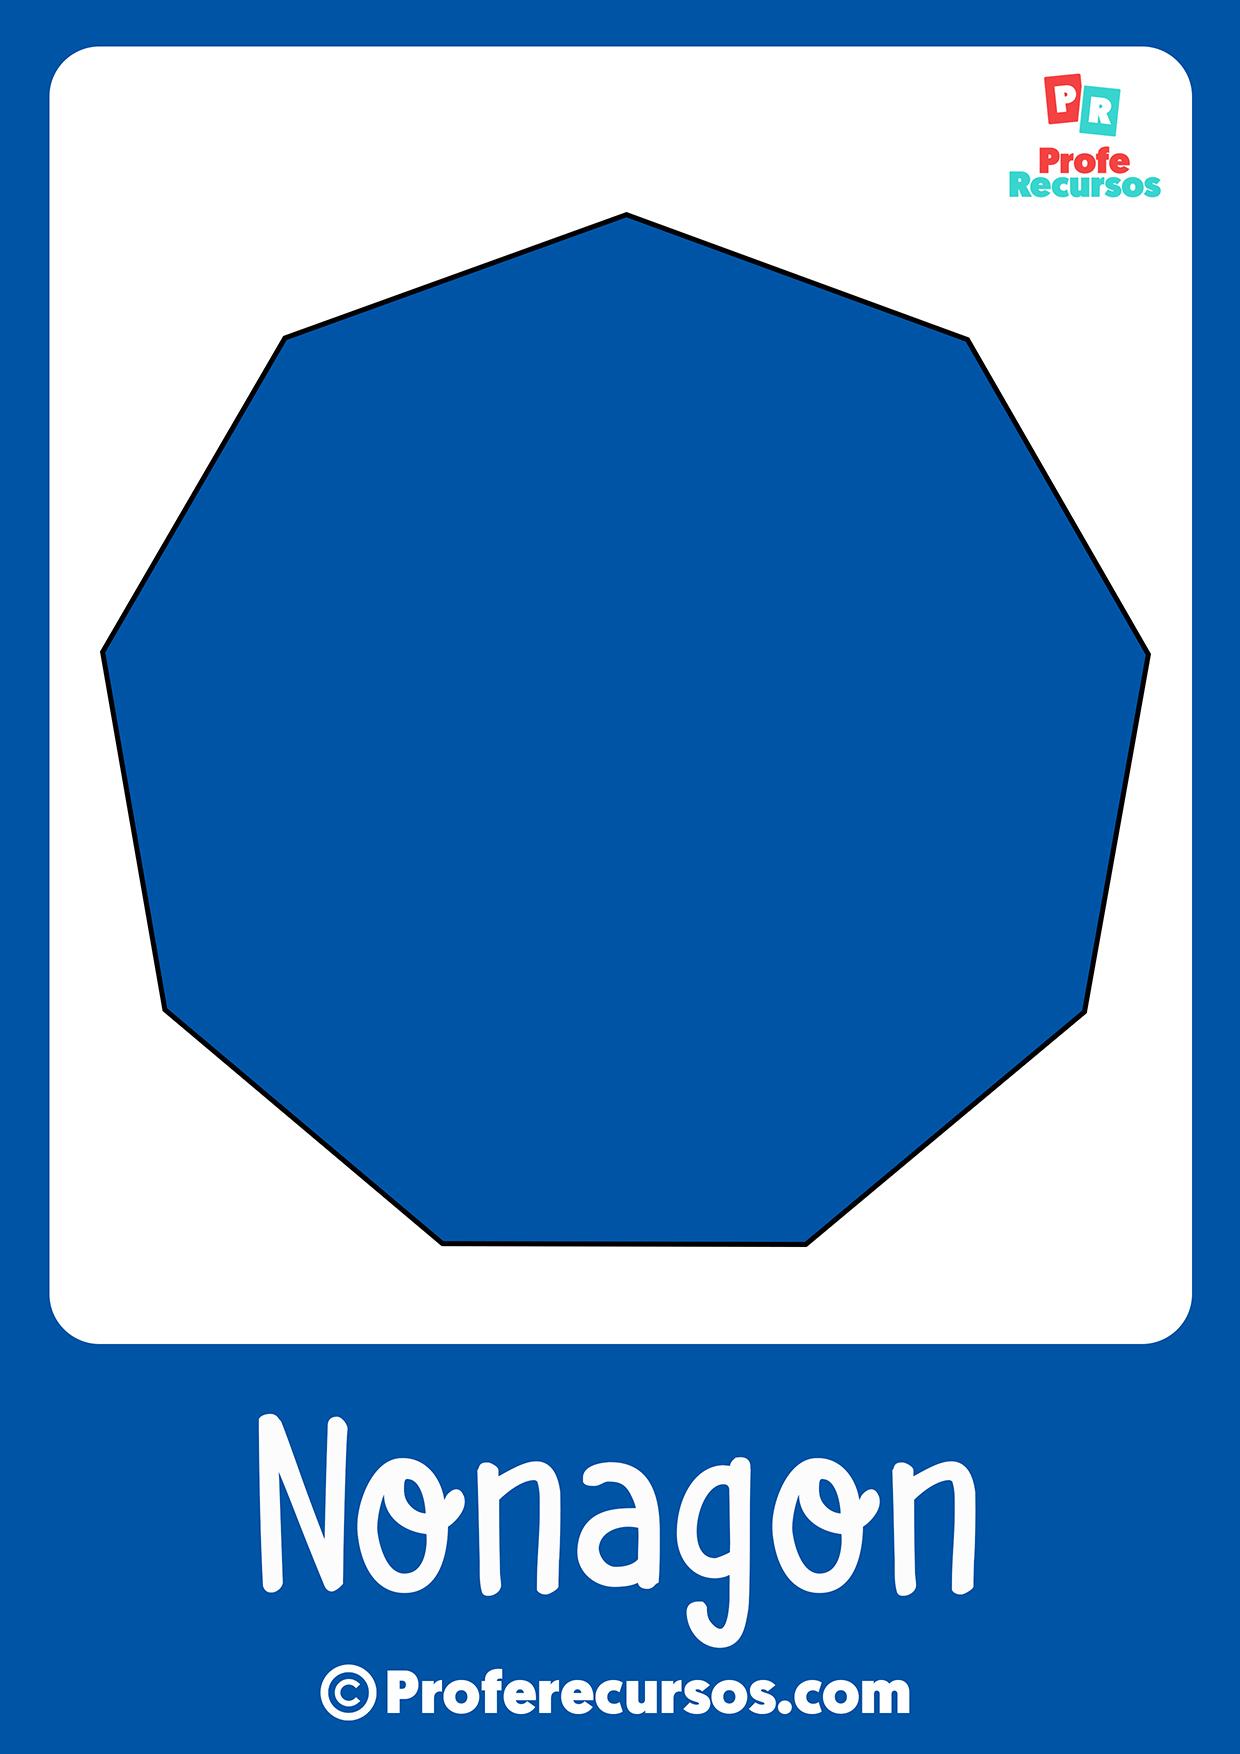 Nonagon shape